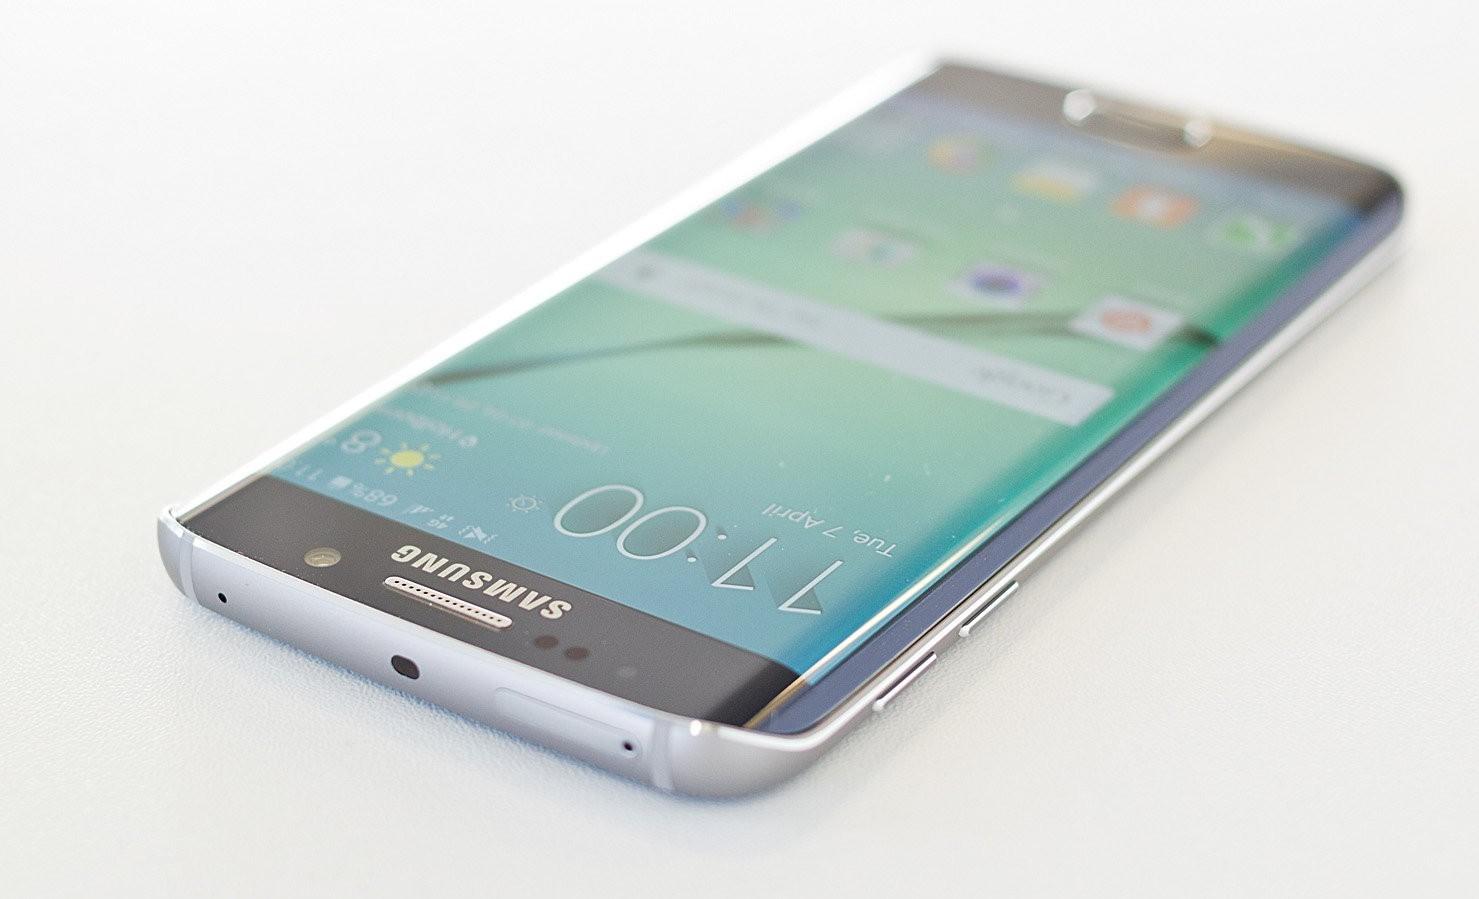 comparatif des meilleurs smartphones avec un forfait m6 mobile meilleur mobile. Black Bedroom Furniture Sets. Home Design Ideas